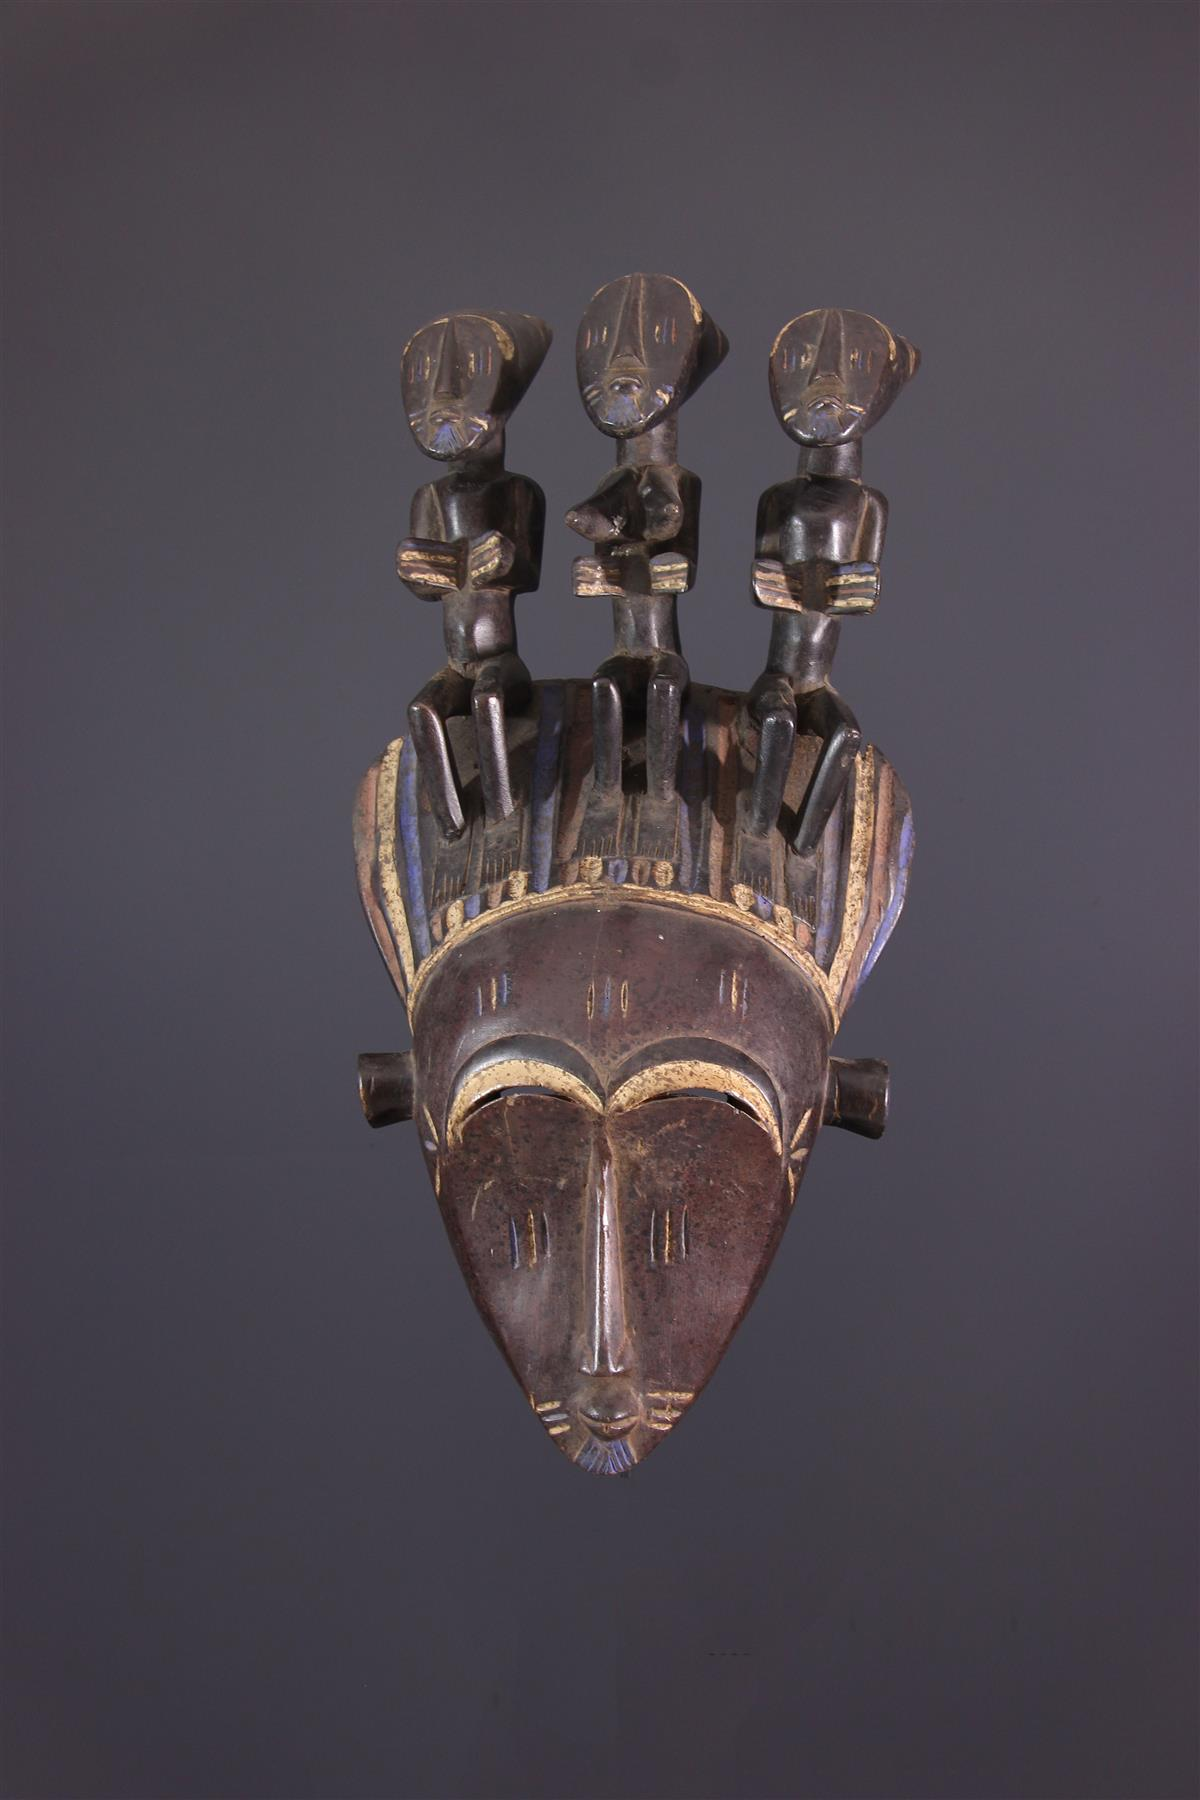 Koulango Masker - Afrikaanse kunst